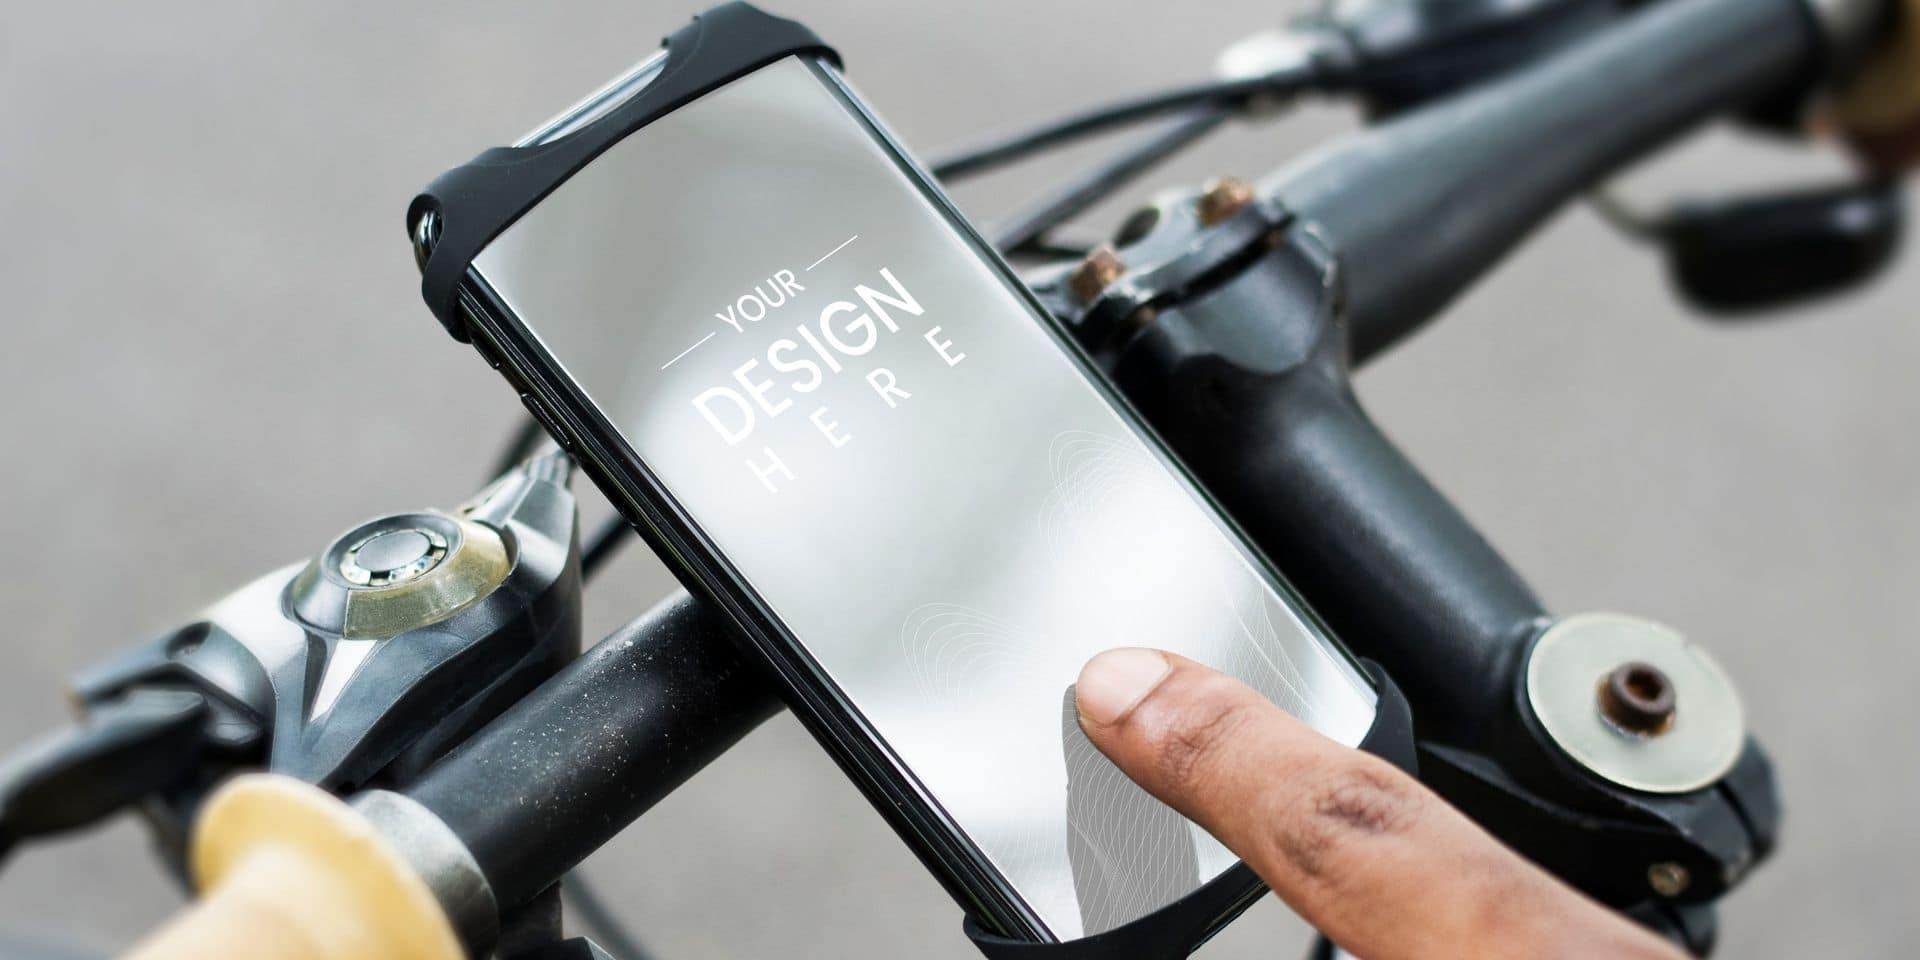 Voici les applications utiles pour les cyclistes